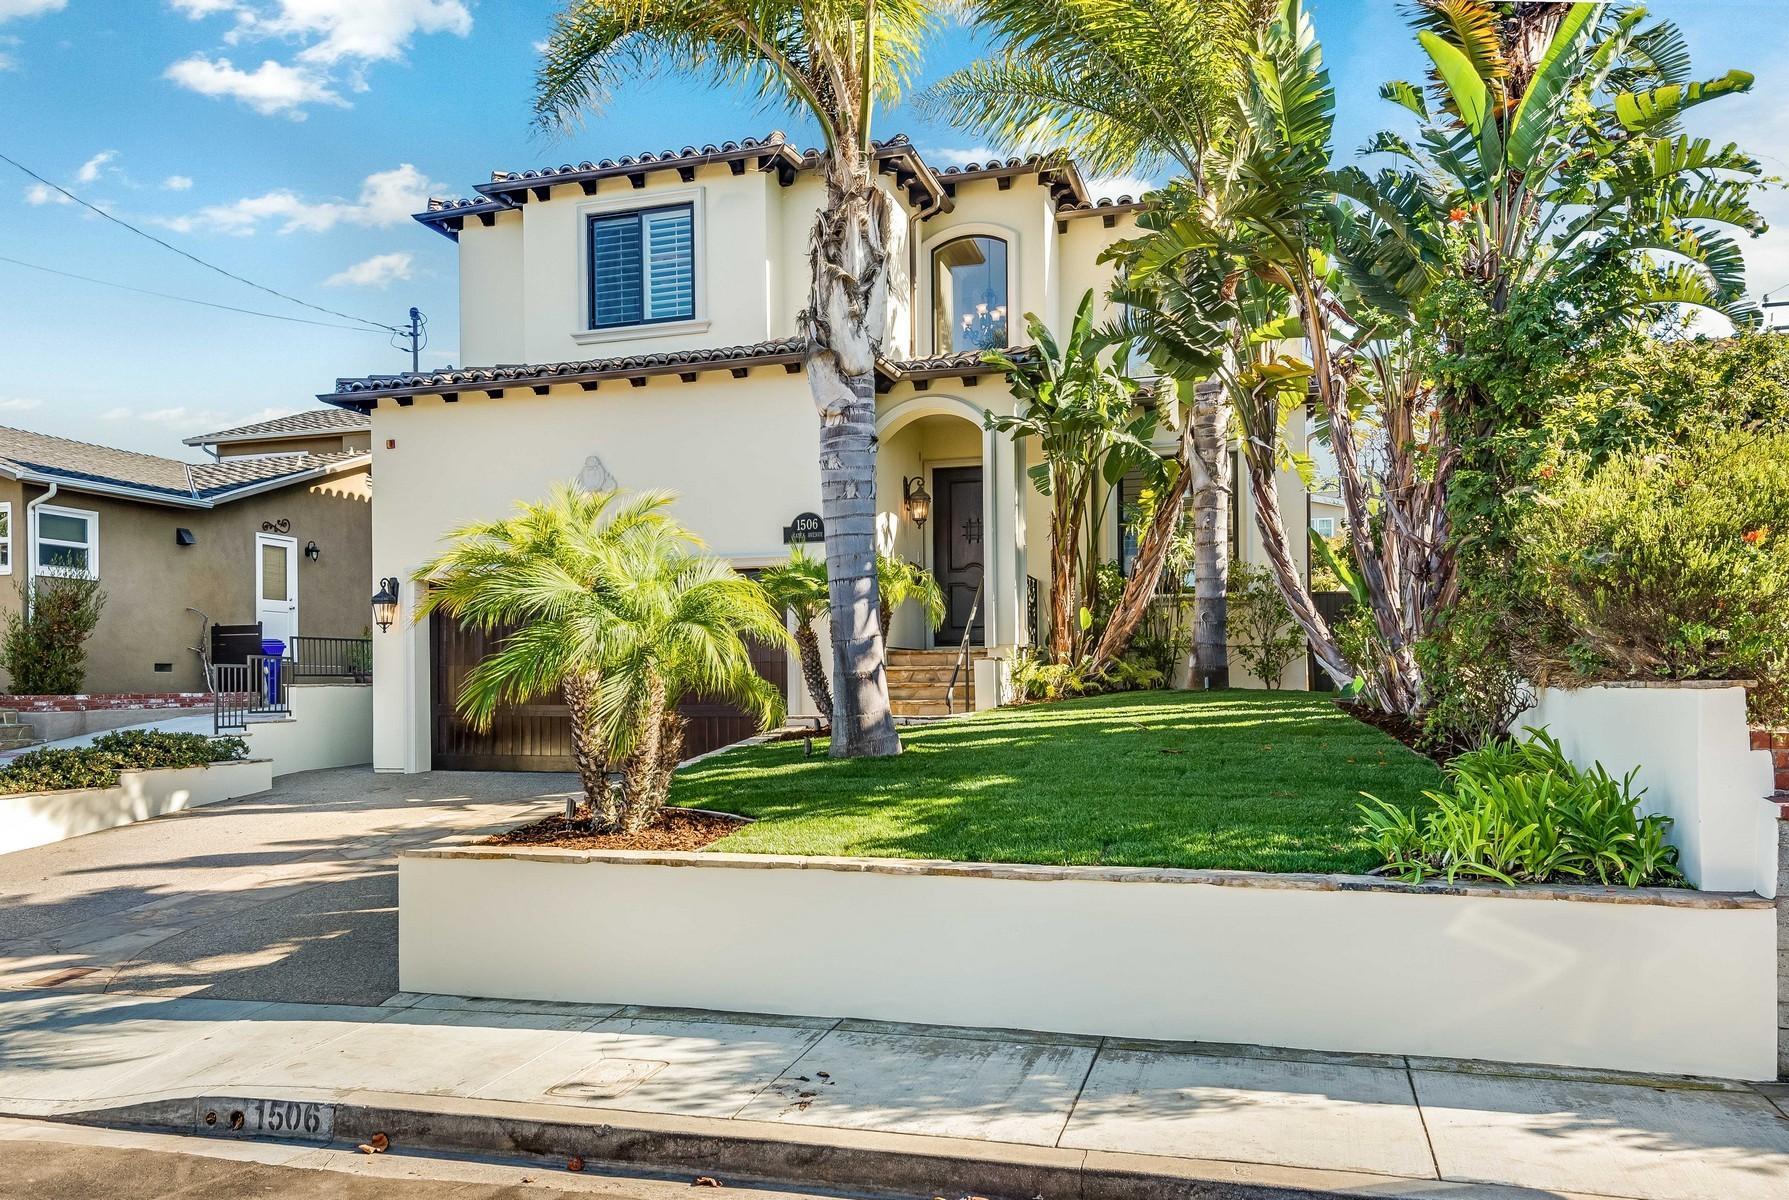 独户住宅 为 销售 在 1506 Gates Ave 曼哈顿海滩, 加利福尼亚州 90266 美国